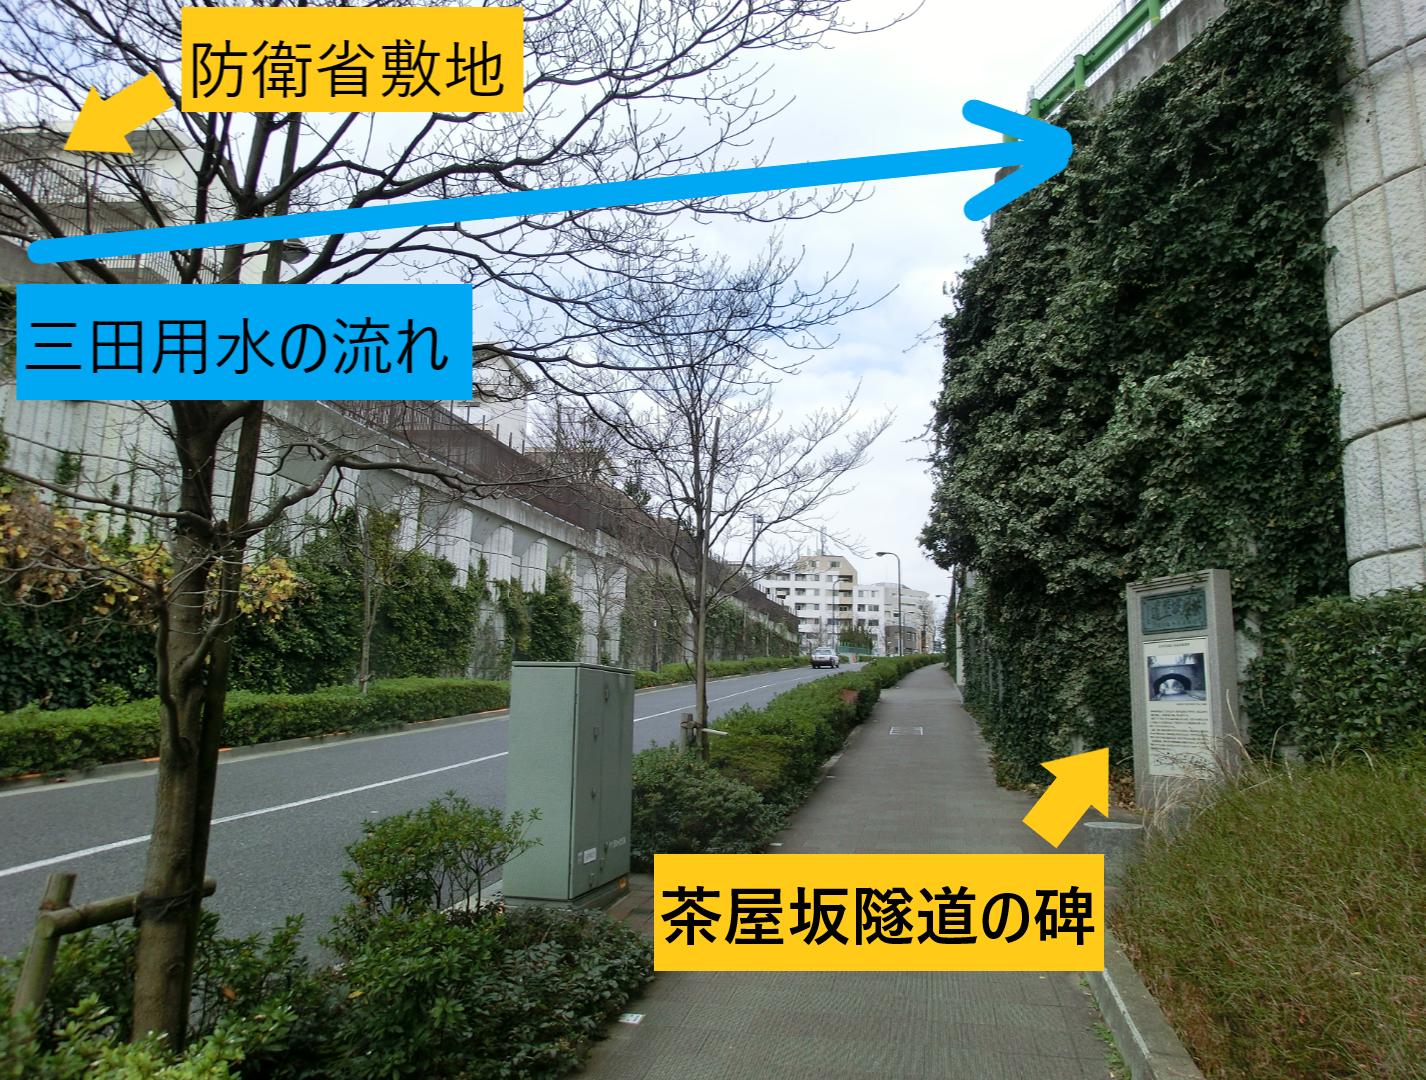 茶屋坂隧道 現在の様子 中目黒→恵比寿散策2